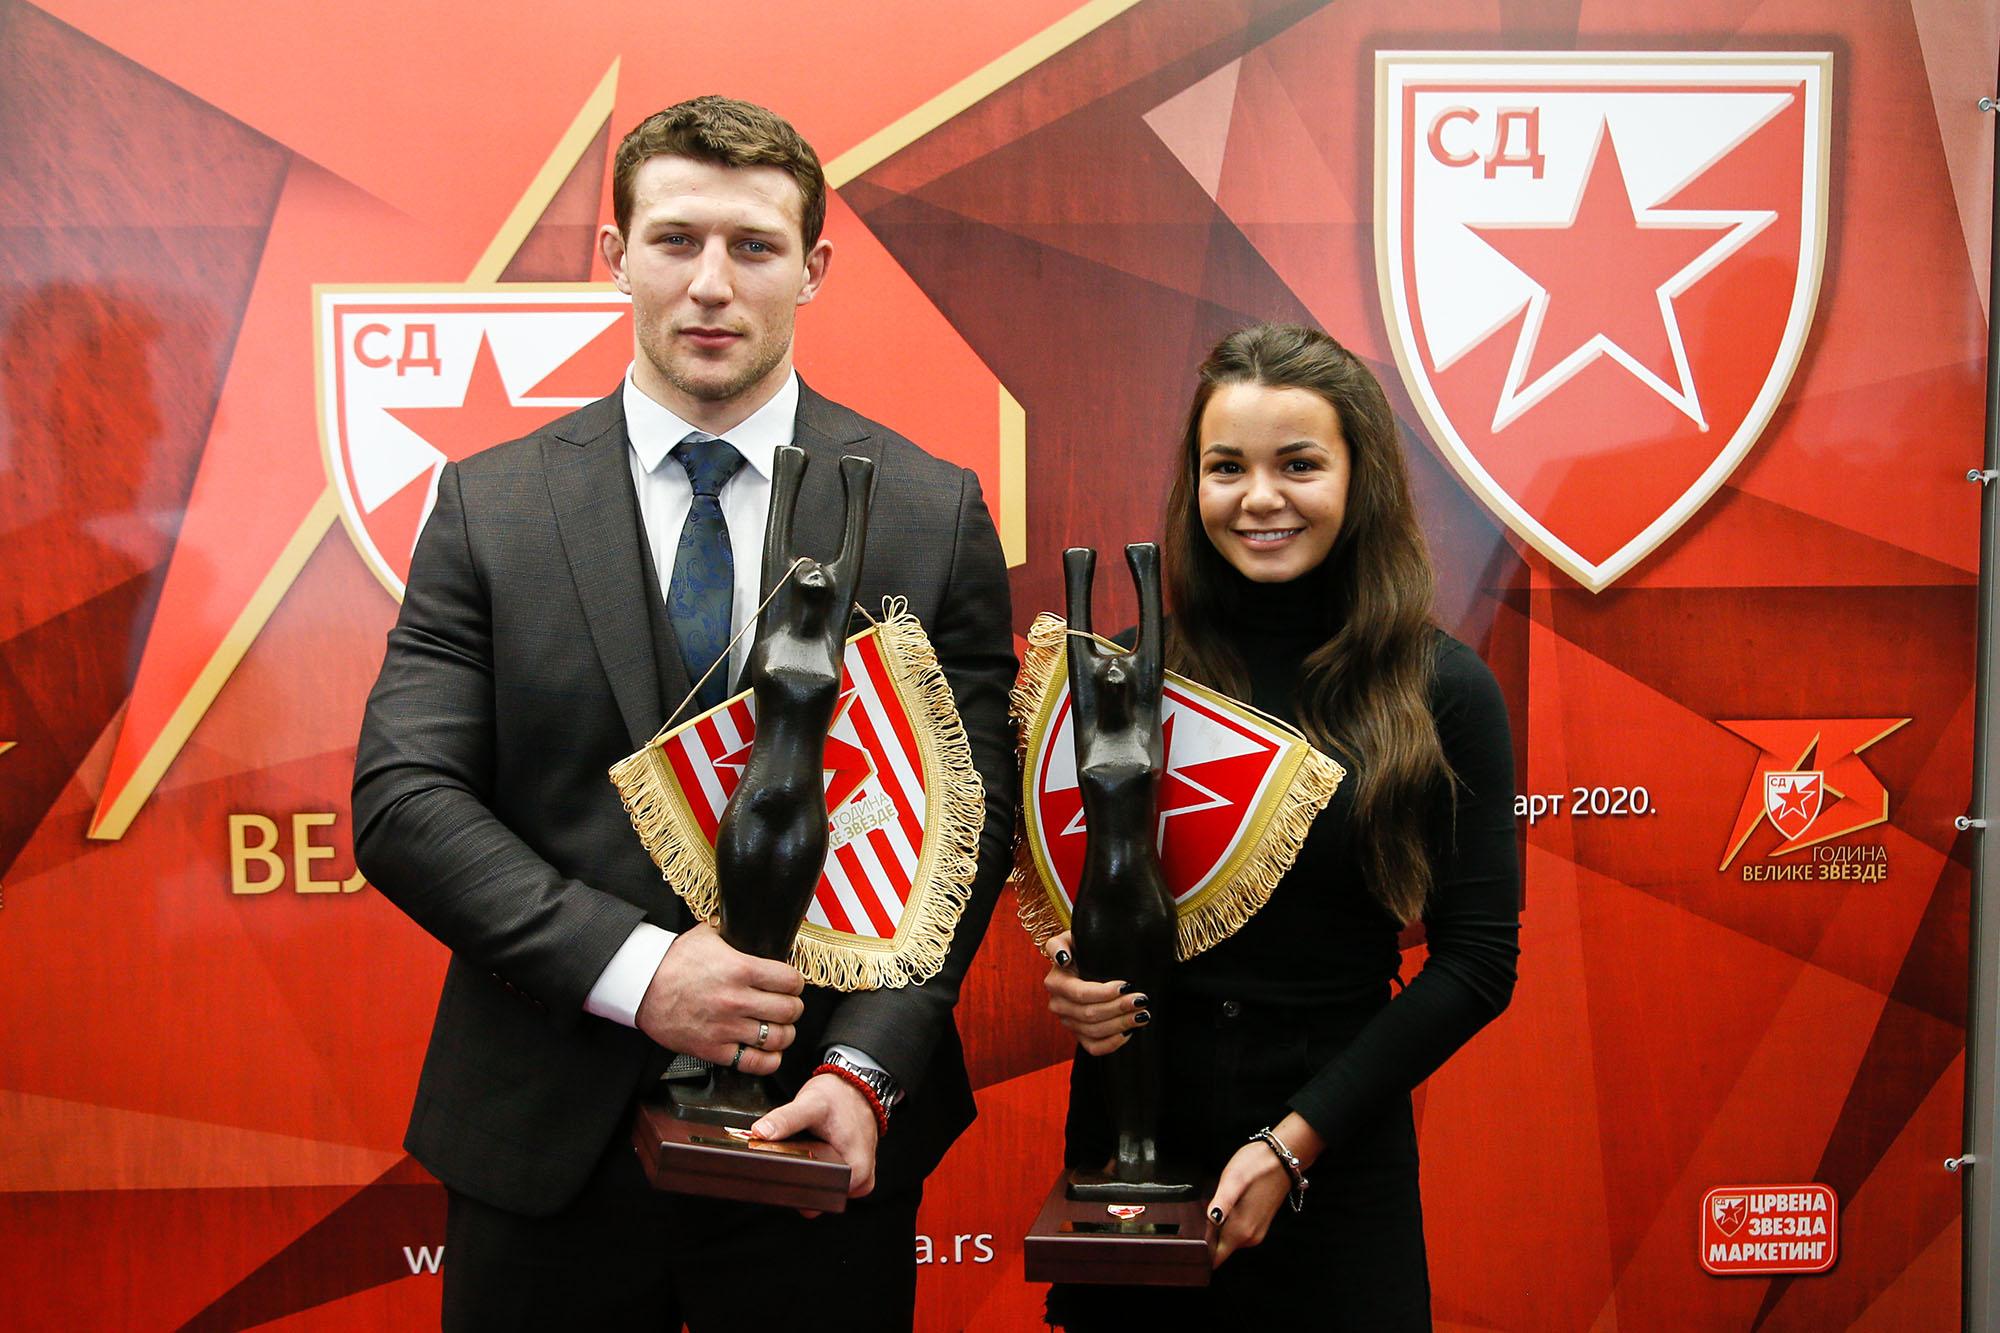 Nemanja Majdov i Saša Vejić, najbolji sportisti SD Crvena zvezda 2019